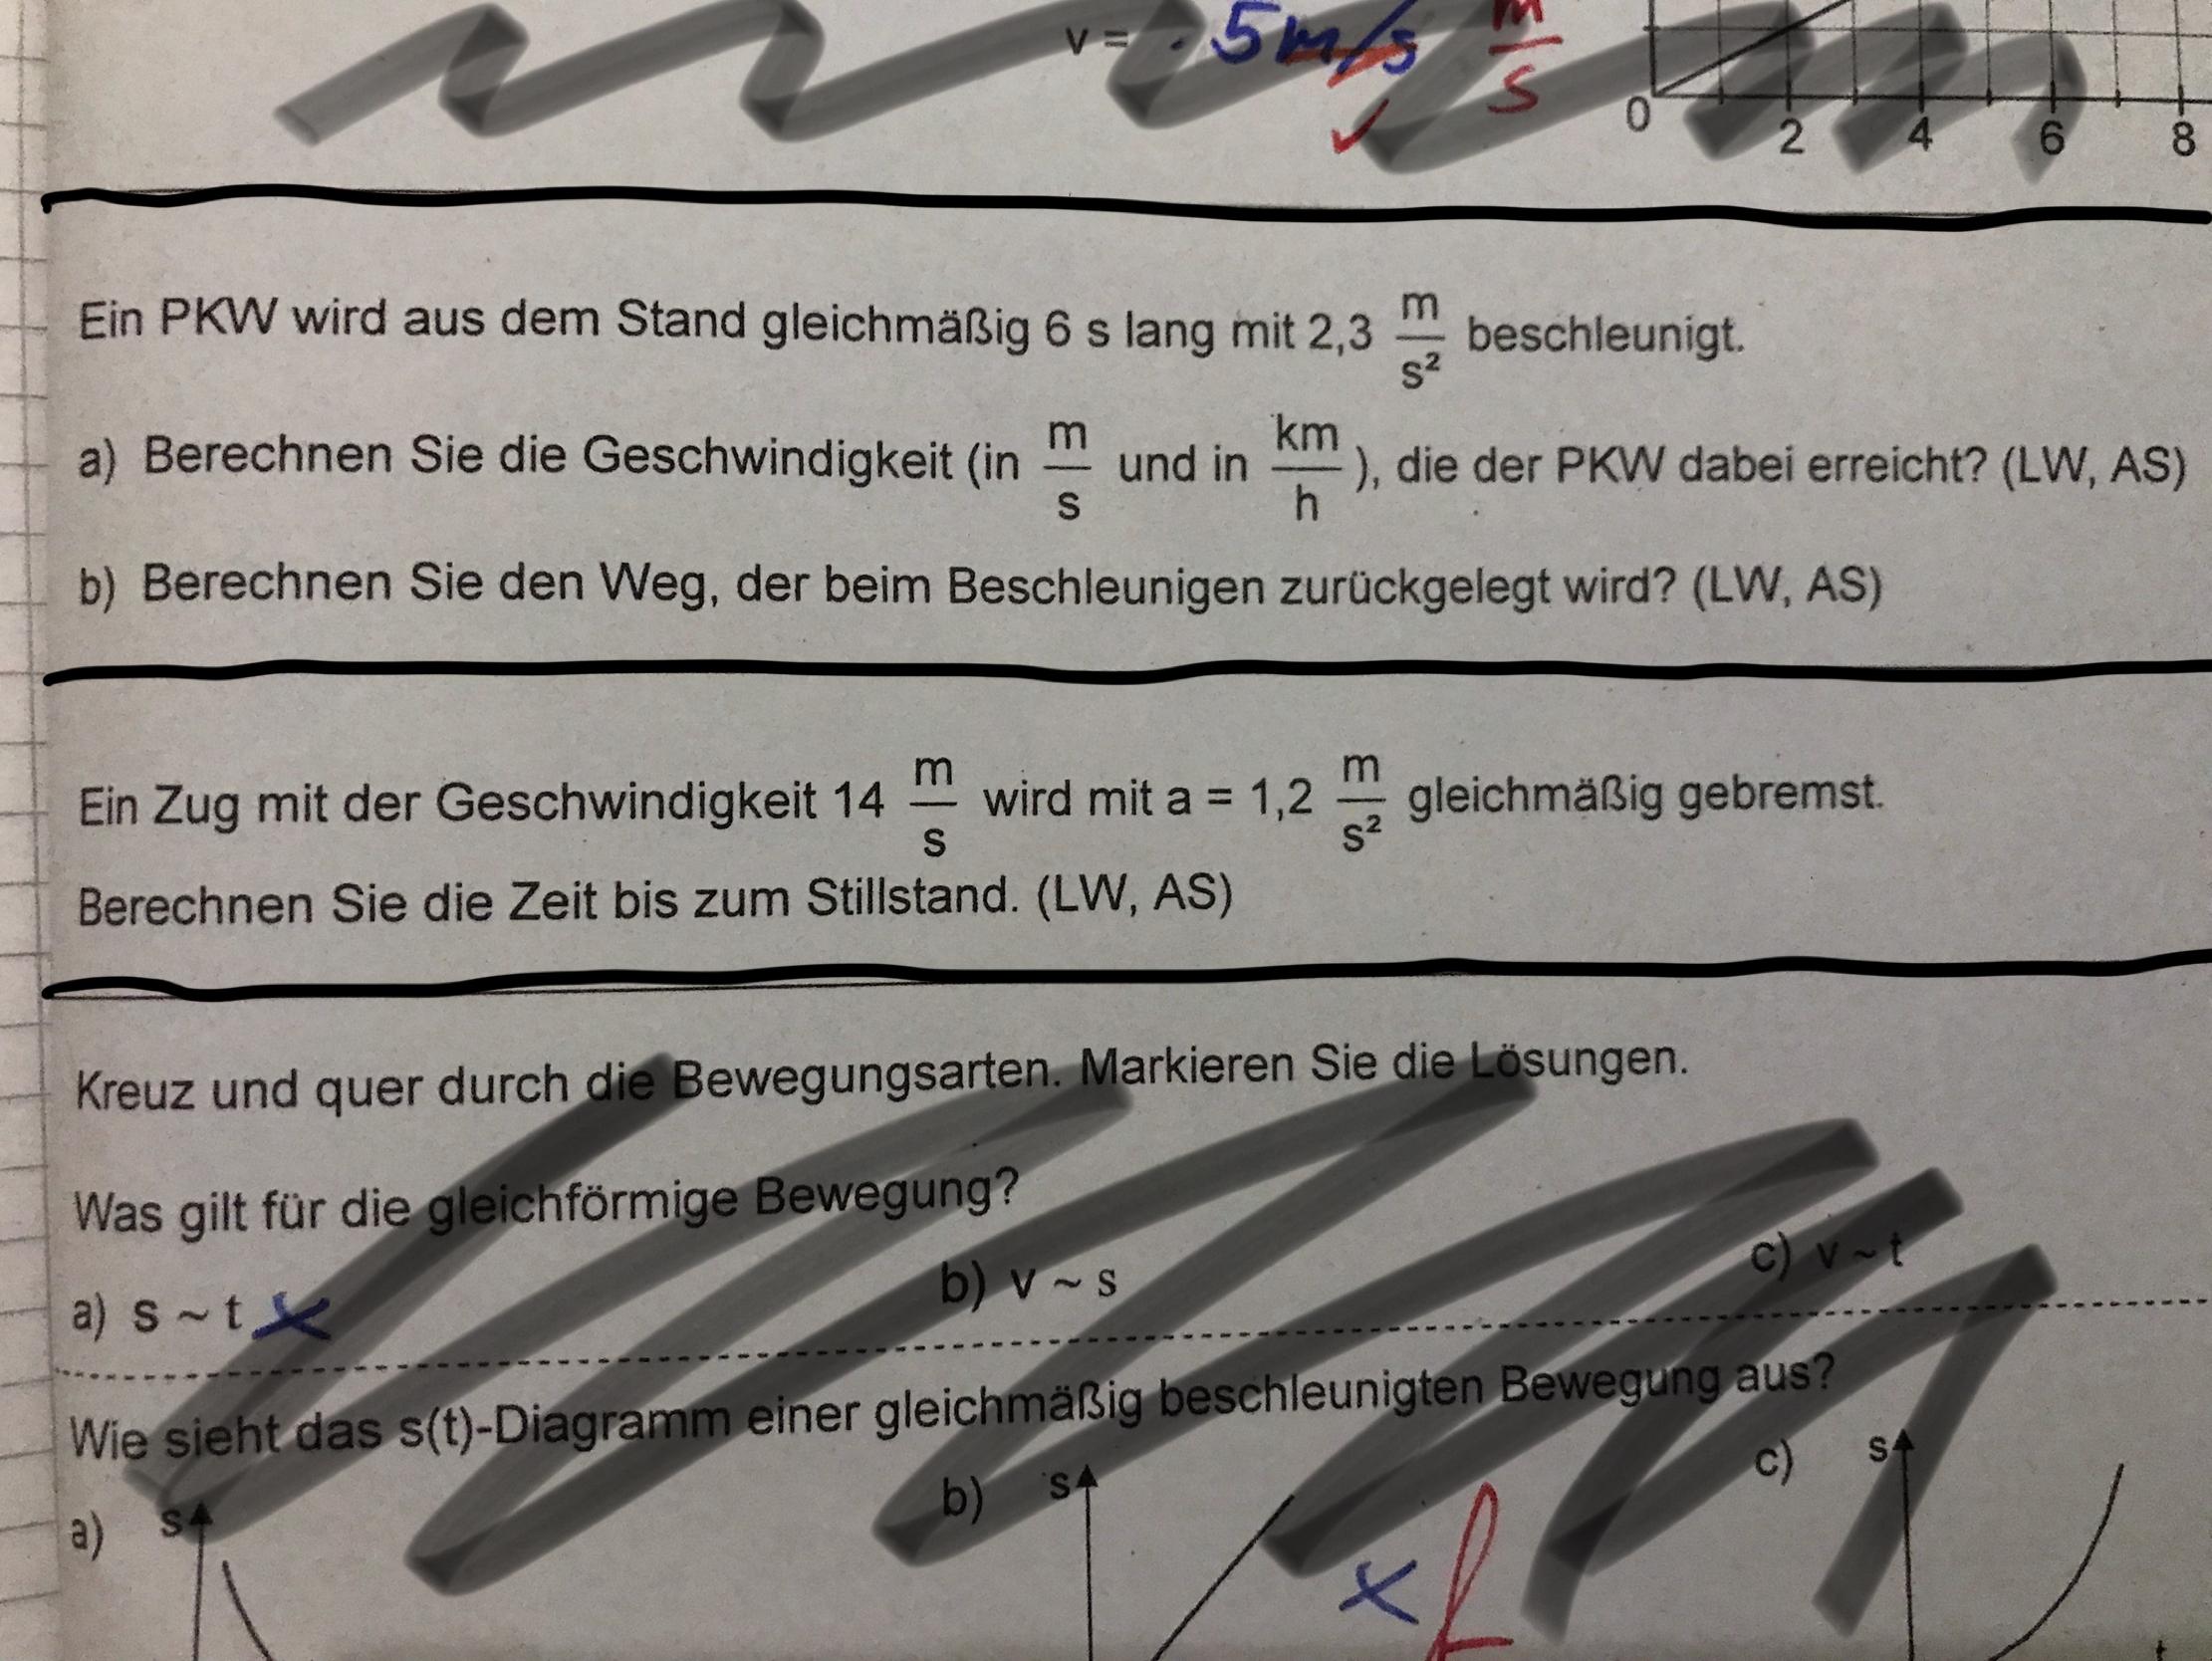 Bruach Hilfe zur Gleichförmigen Bewegung (Physik)? (Schule ...